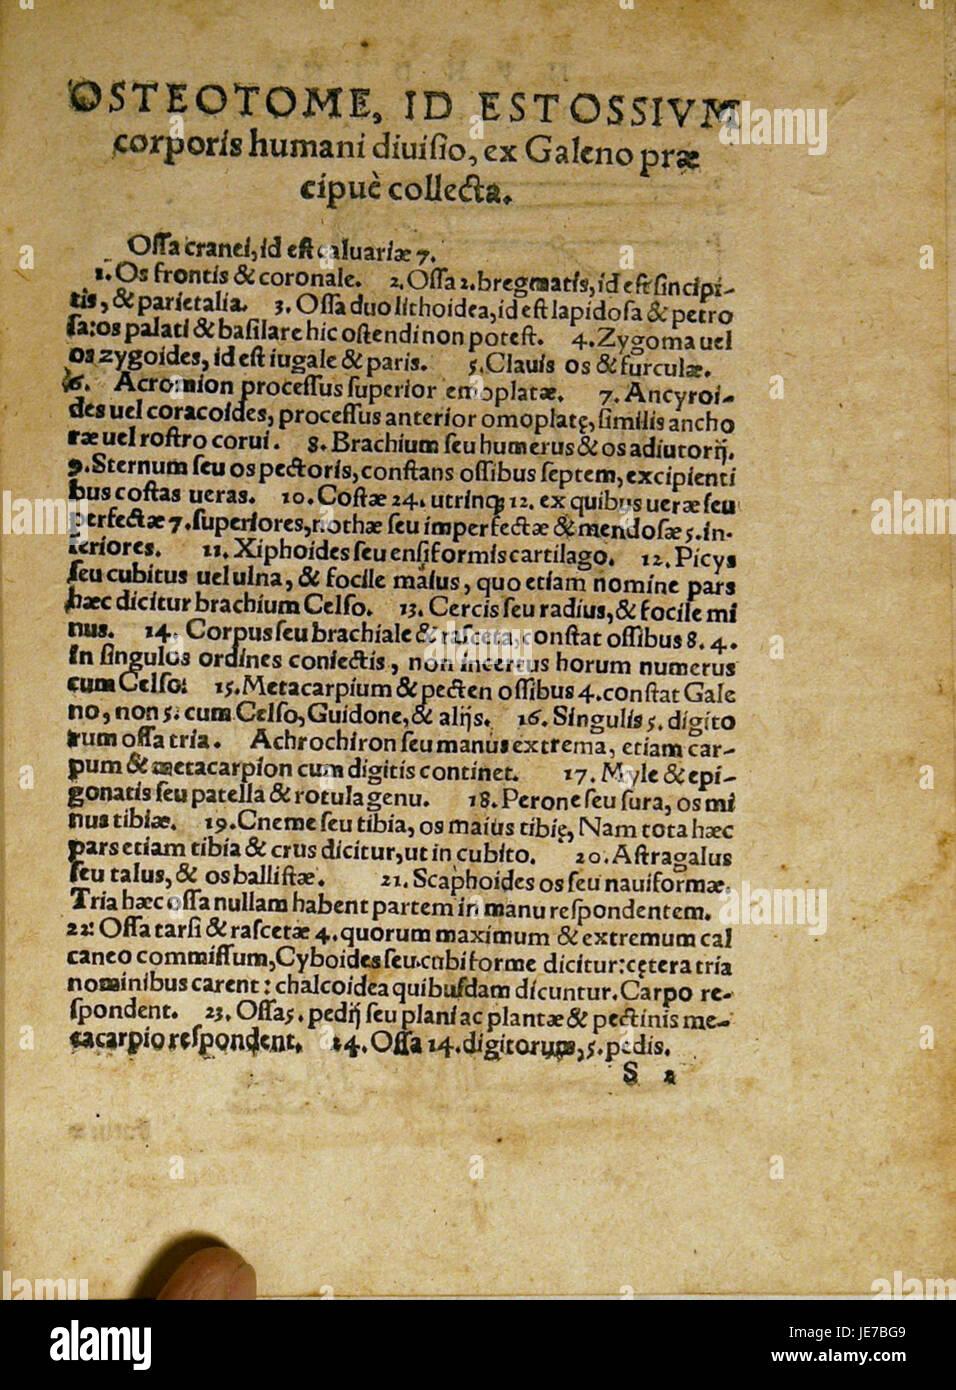 Dryander Anatomia Mundini 131 Immagini Stock